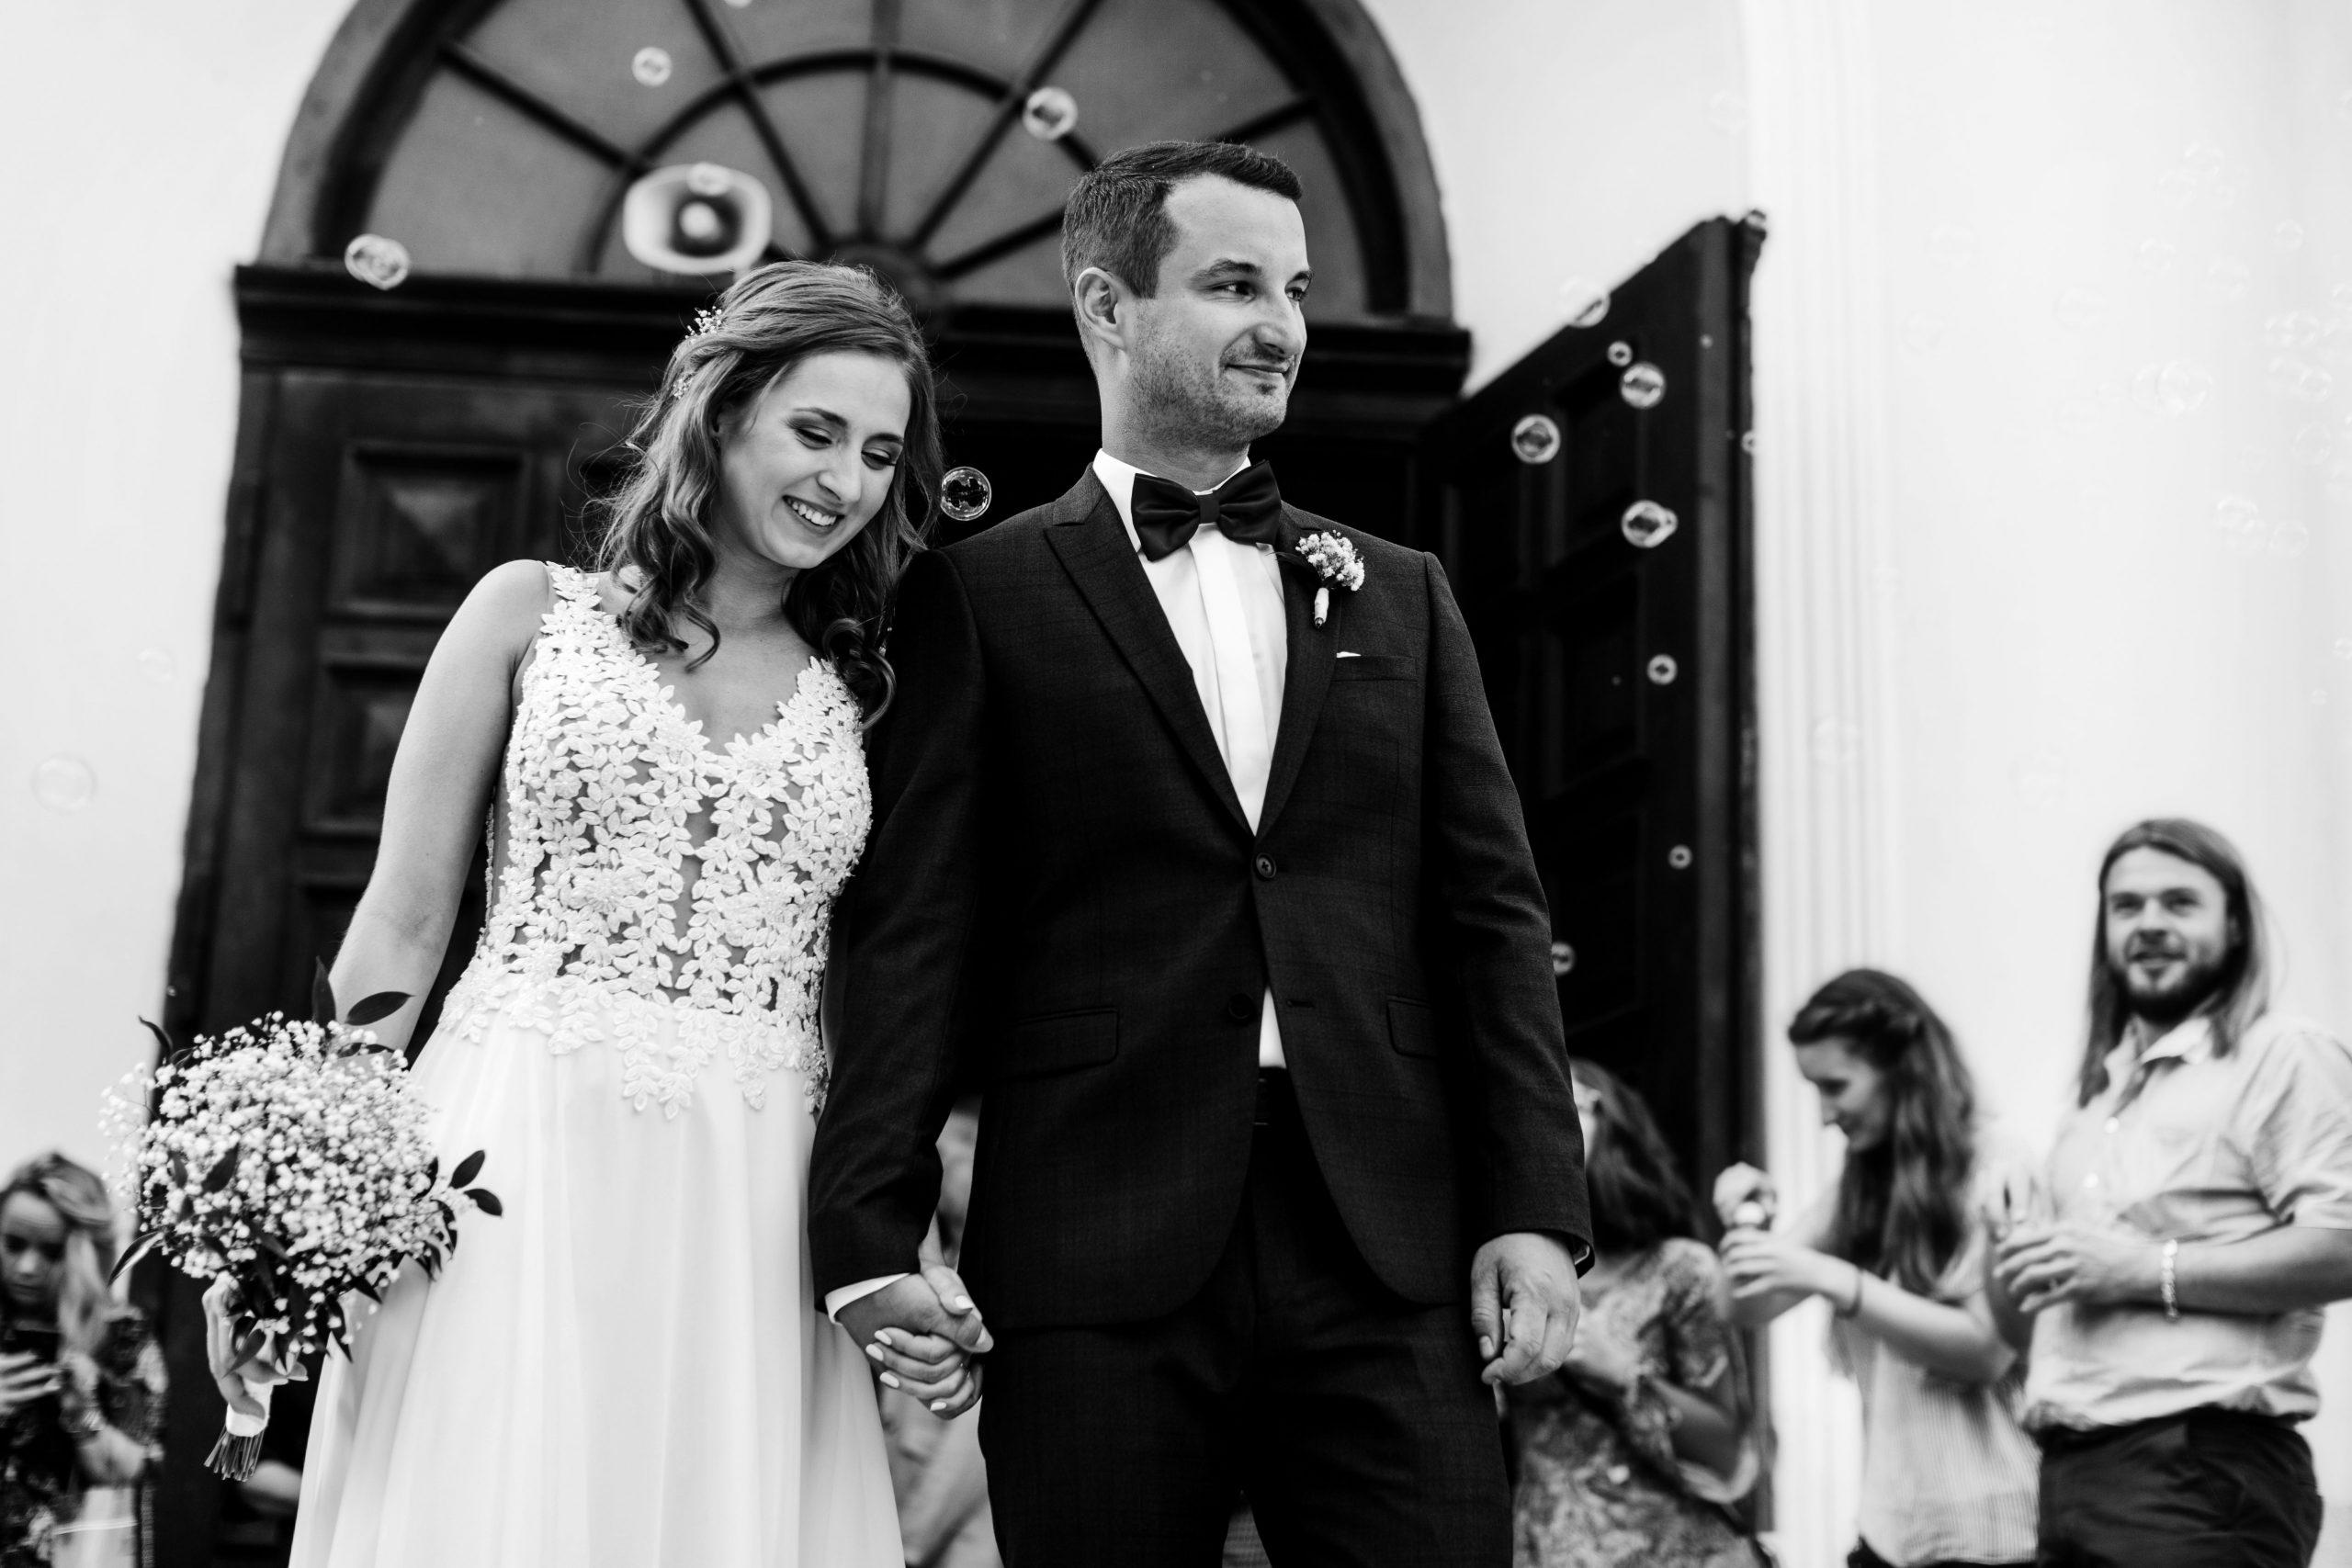 Para Młoda, goście i bańki mydlane po ceremonii ślubnej